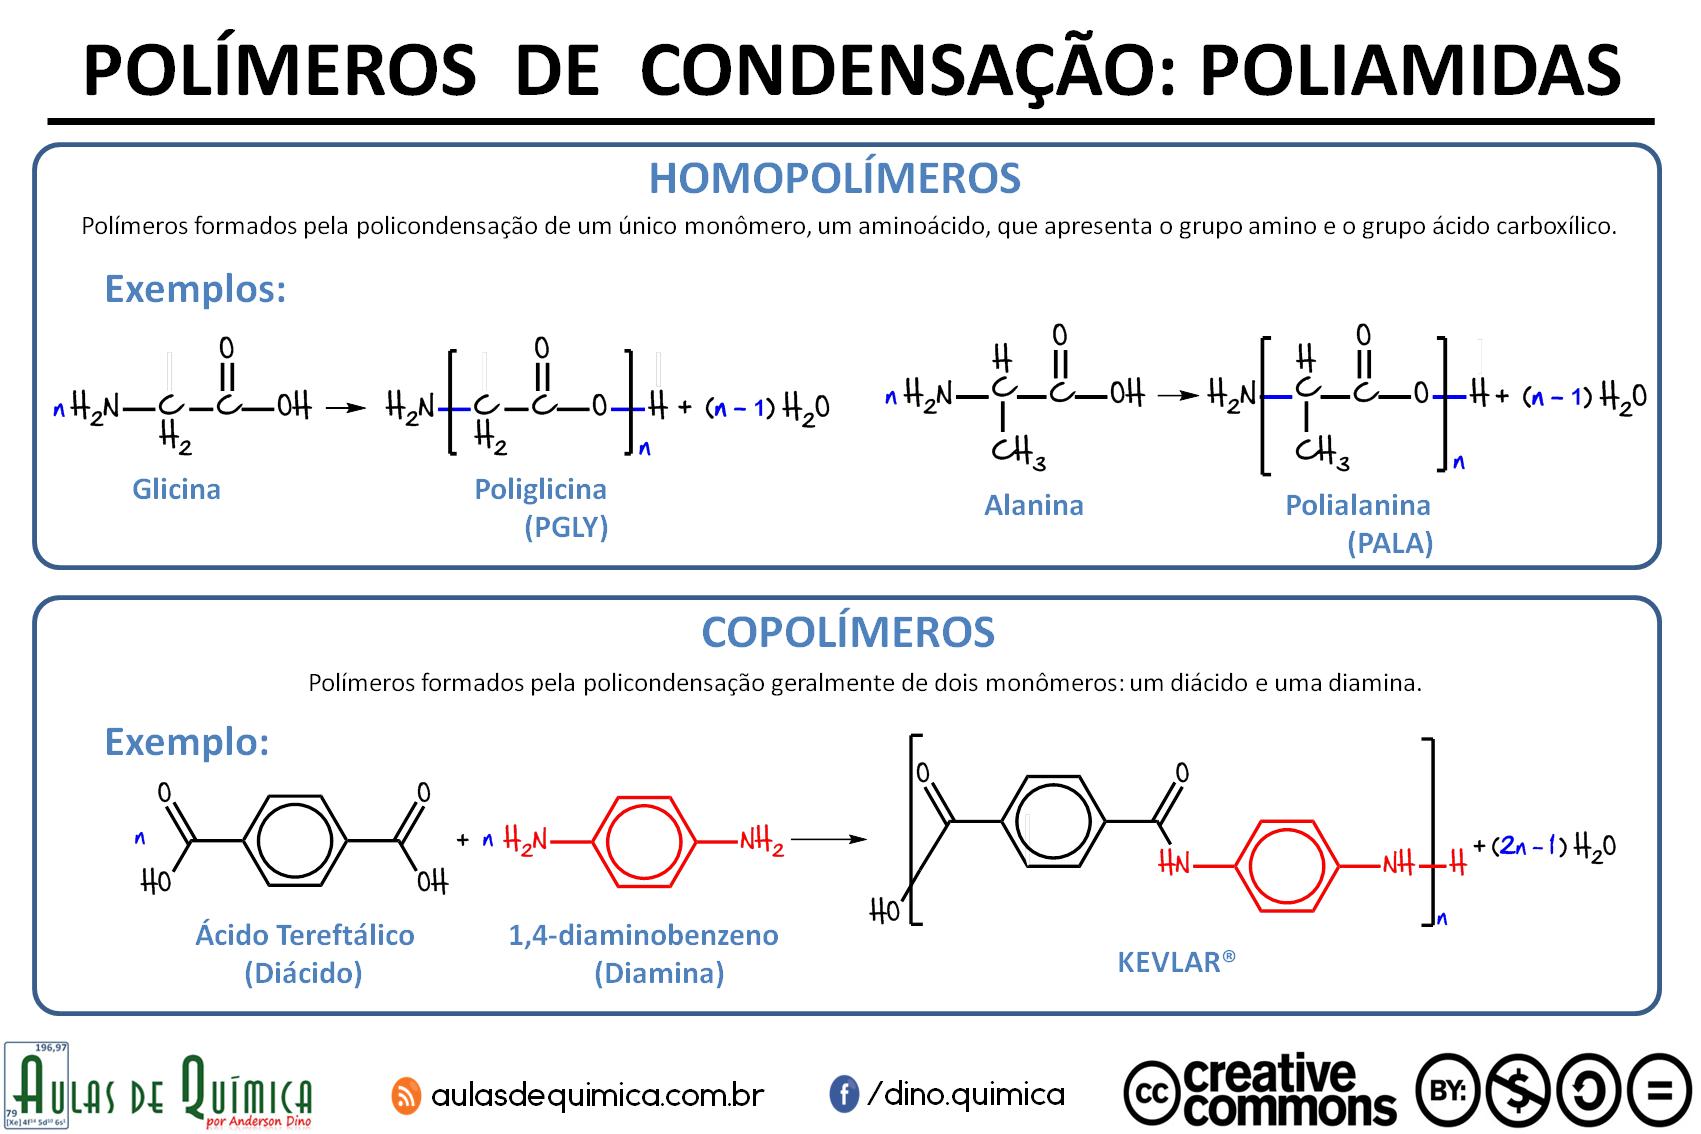 Infográfico sobre as Poliamidas - criado por Anderson Dino para o site Aulas de Química - www.aulasdequimica.com.br